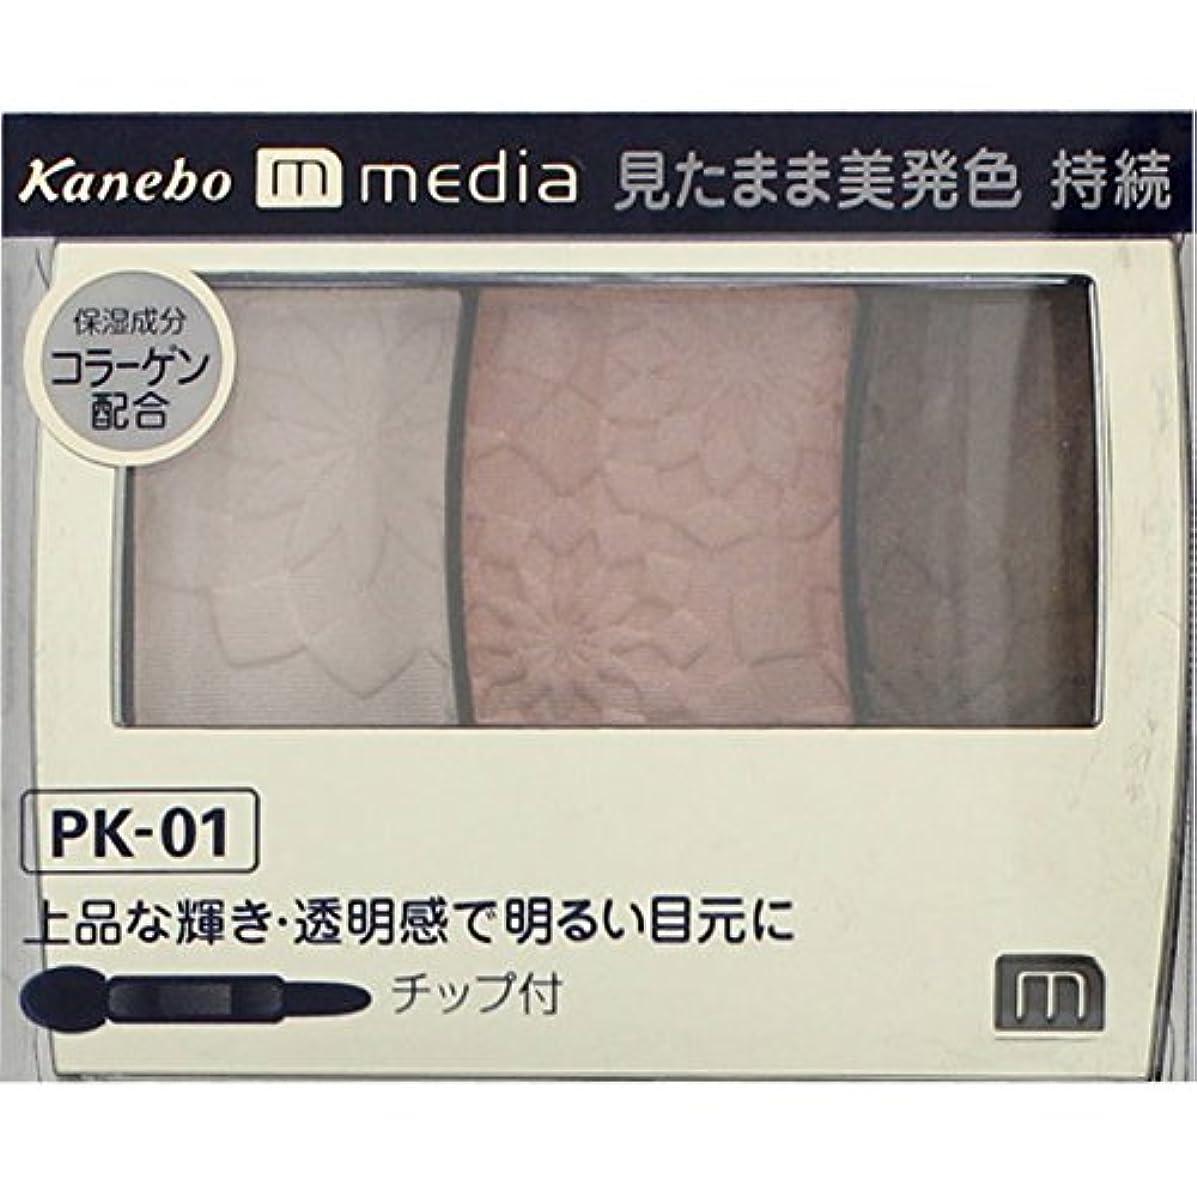 大西洋雑品土地【カネボウ】 メディア グラデカラーアイシャドウ PK-01